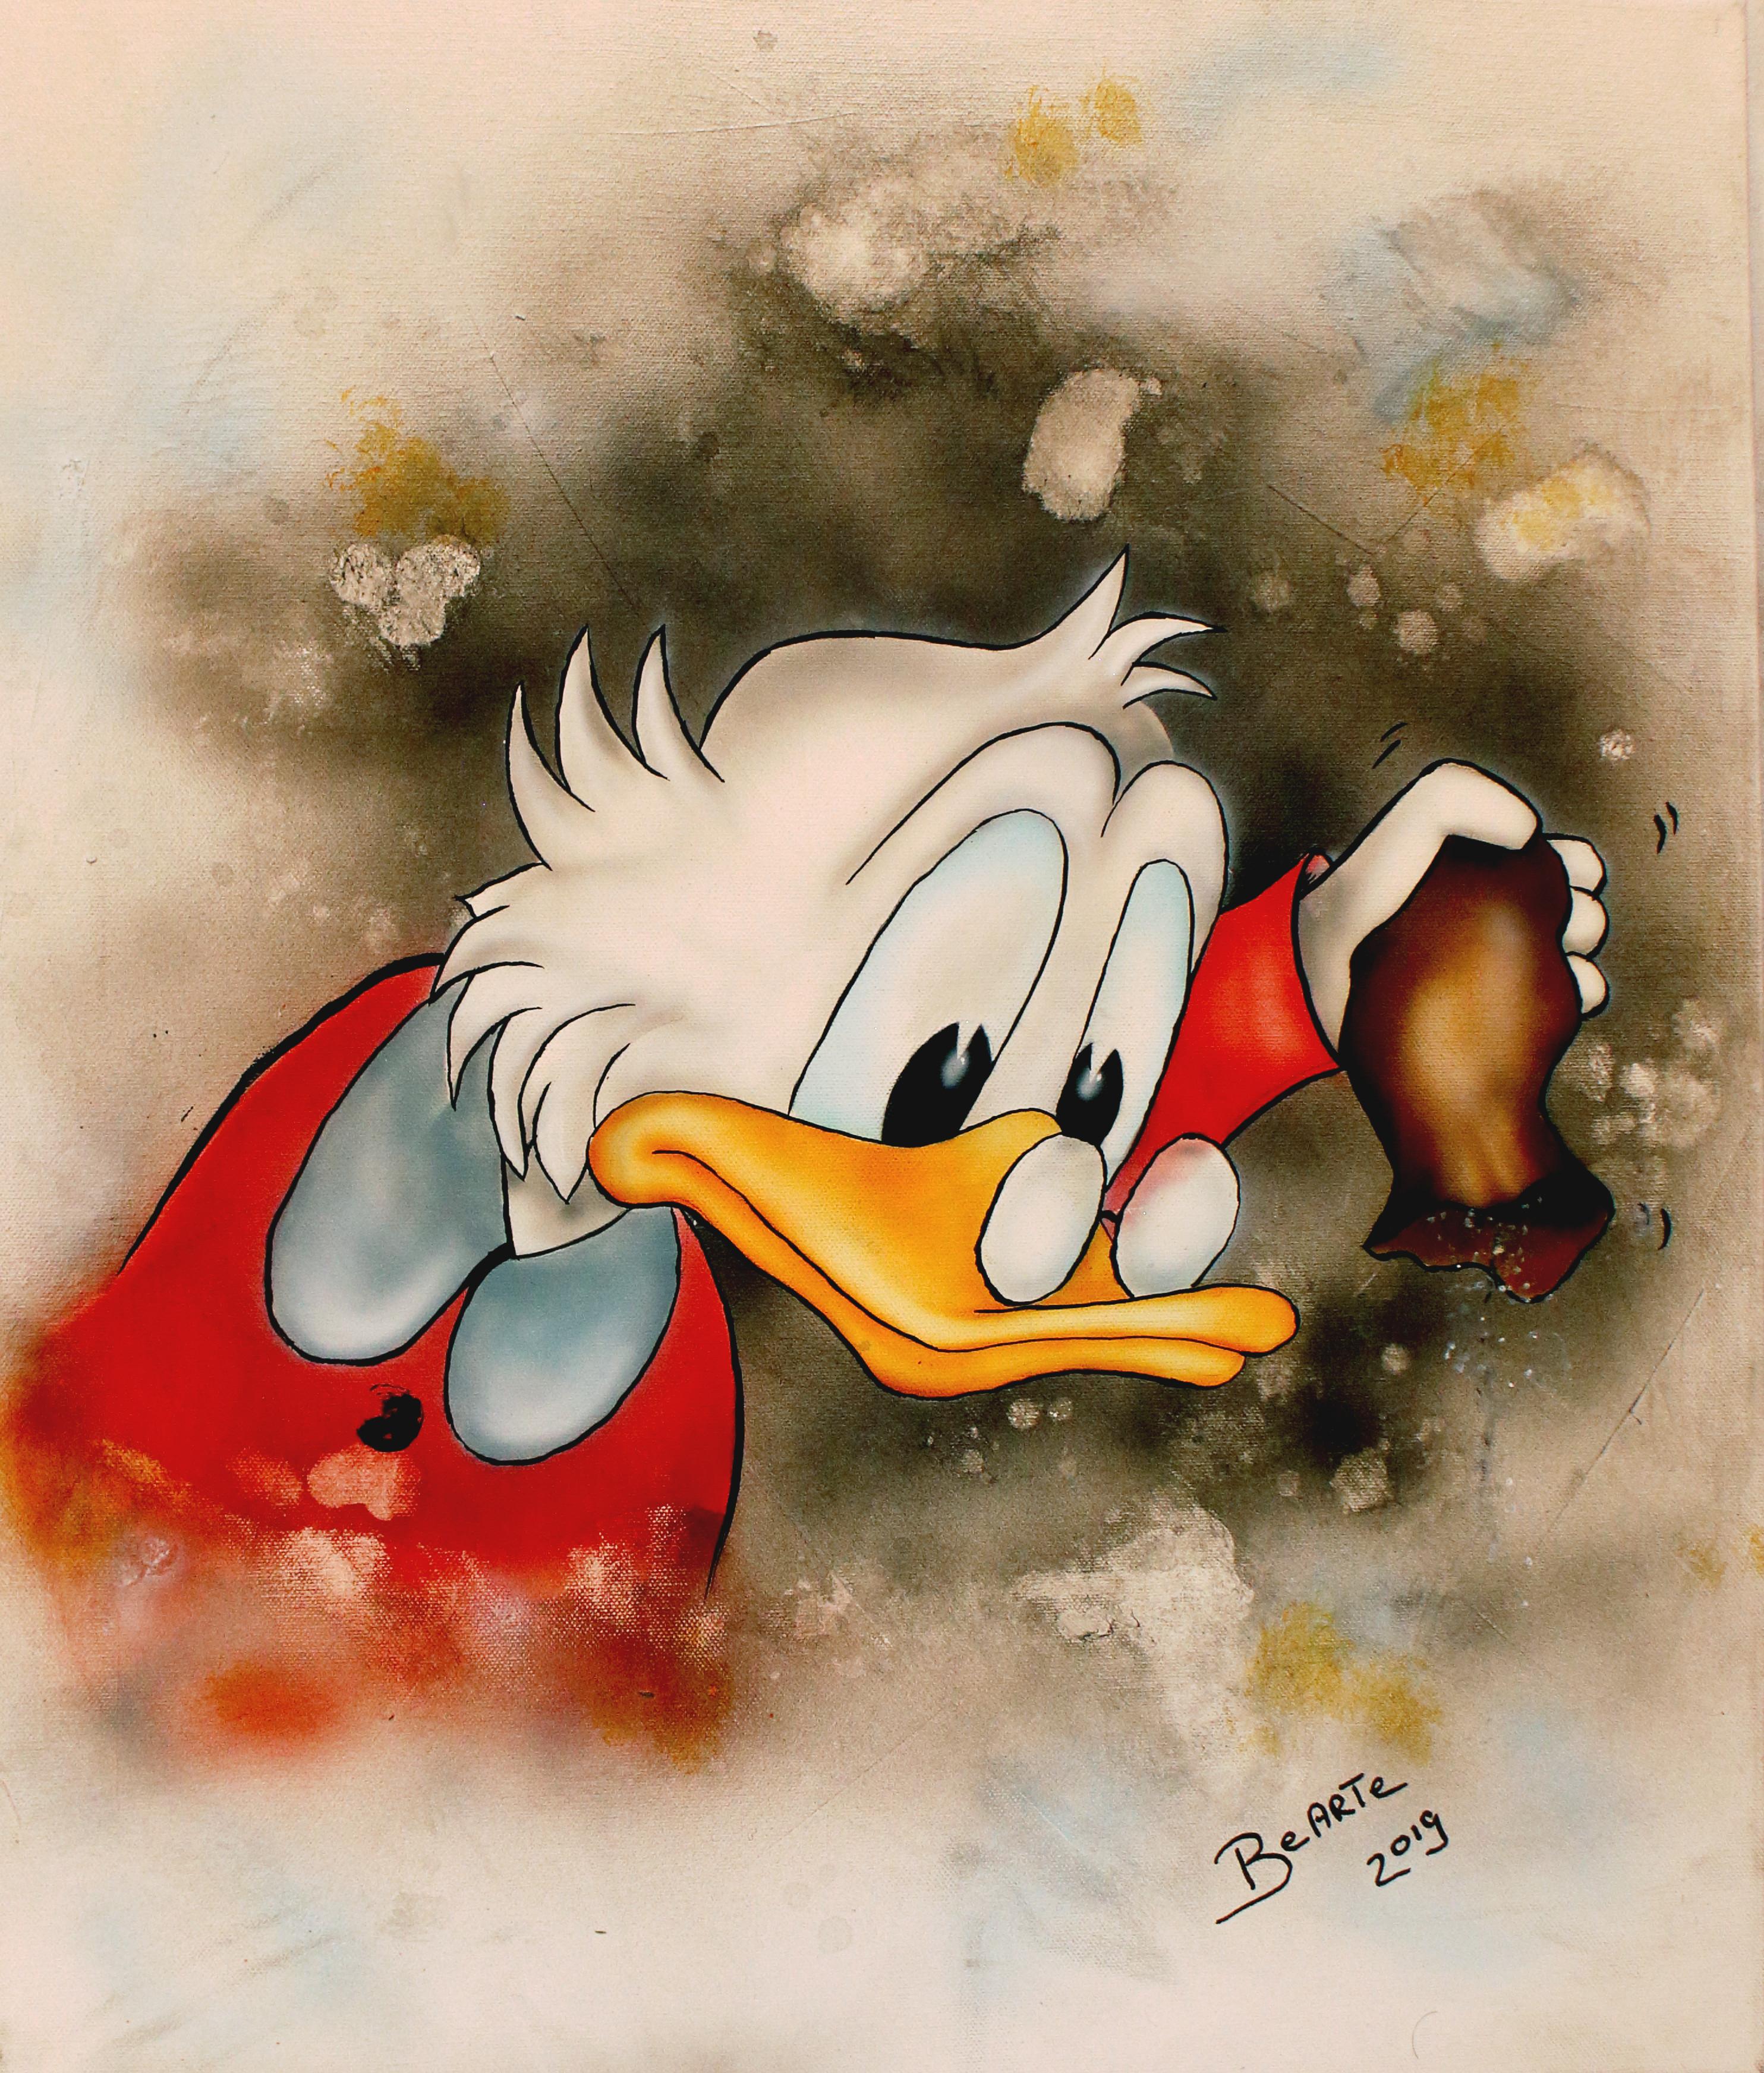 Donaldförtvivlad